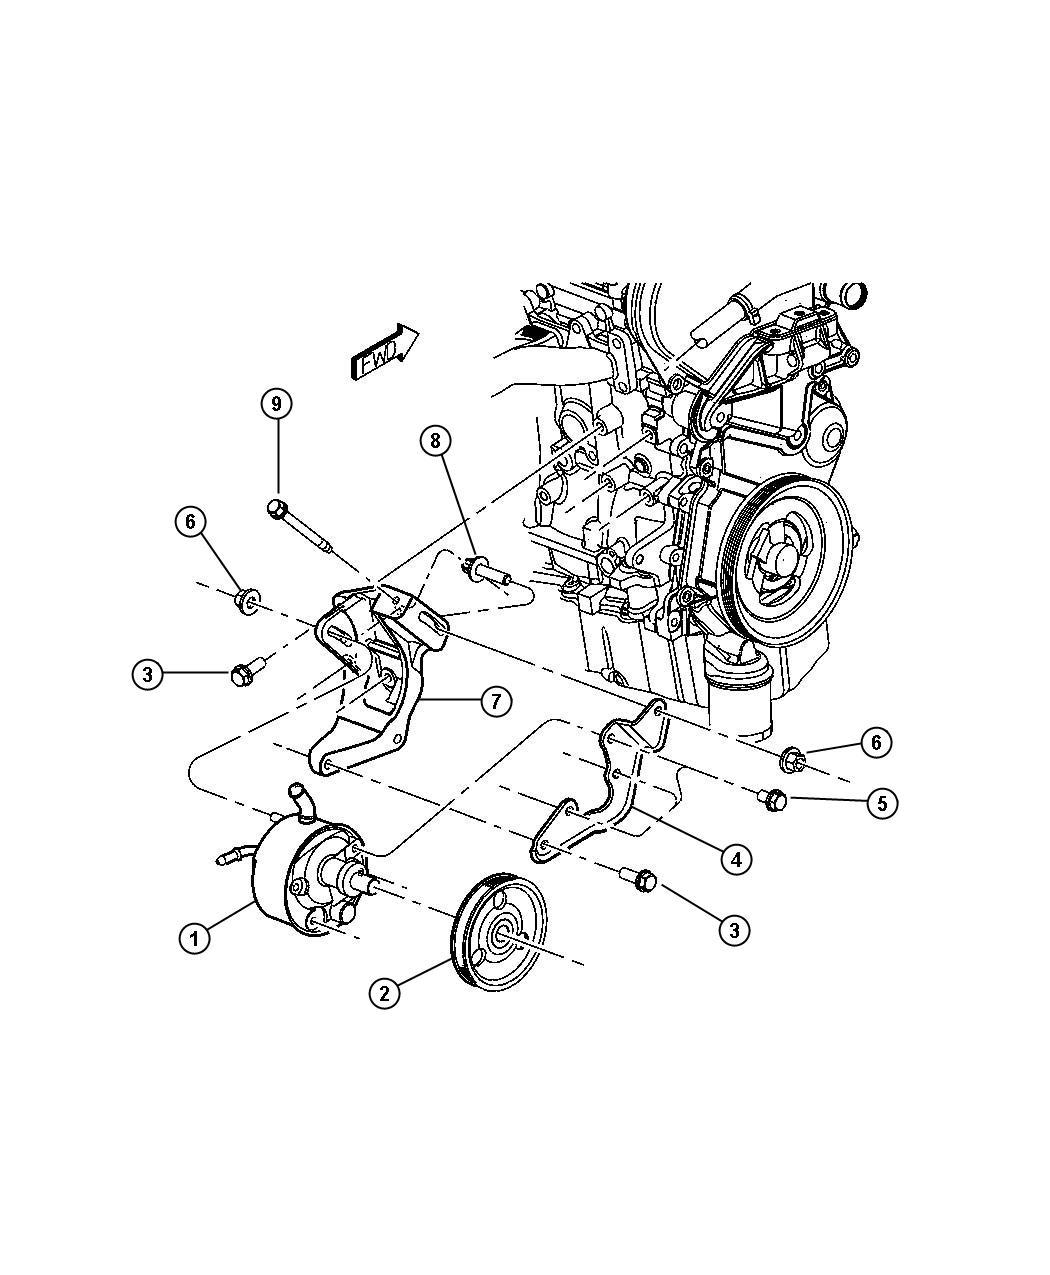 Dodge Caravan Power Steering Pump 2 4l Engine